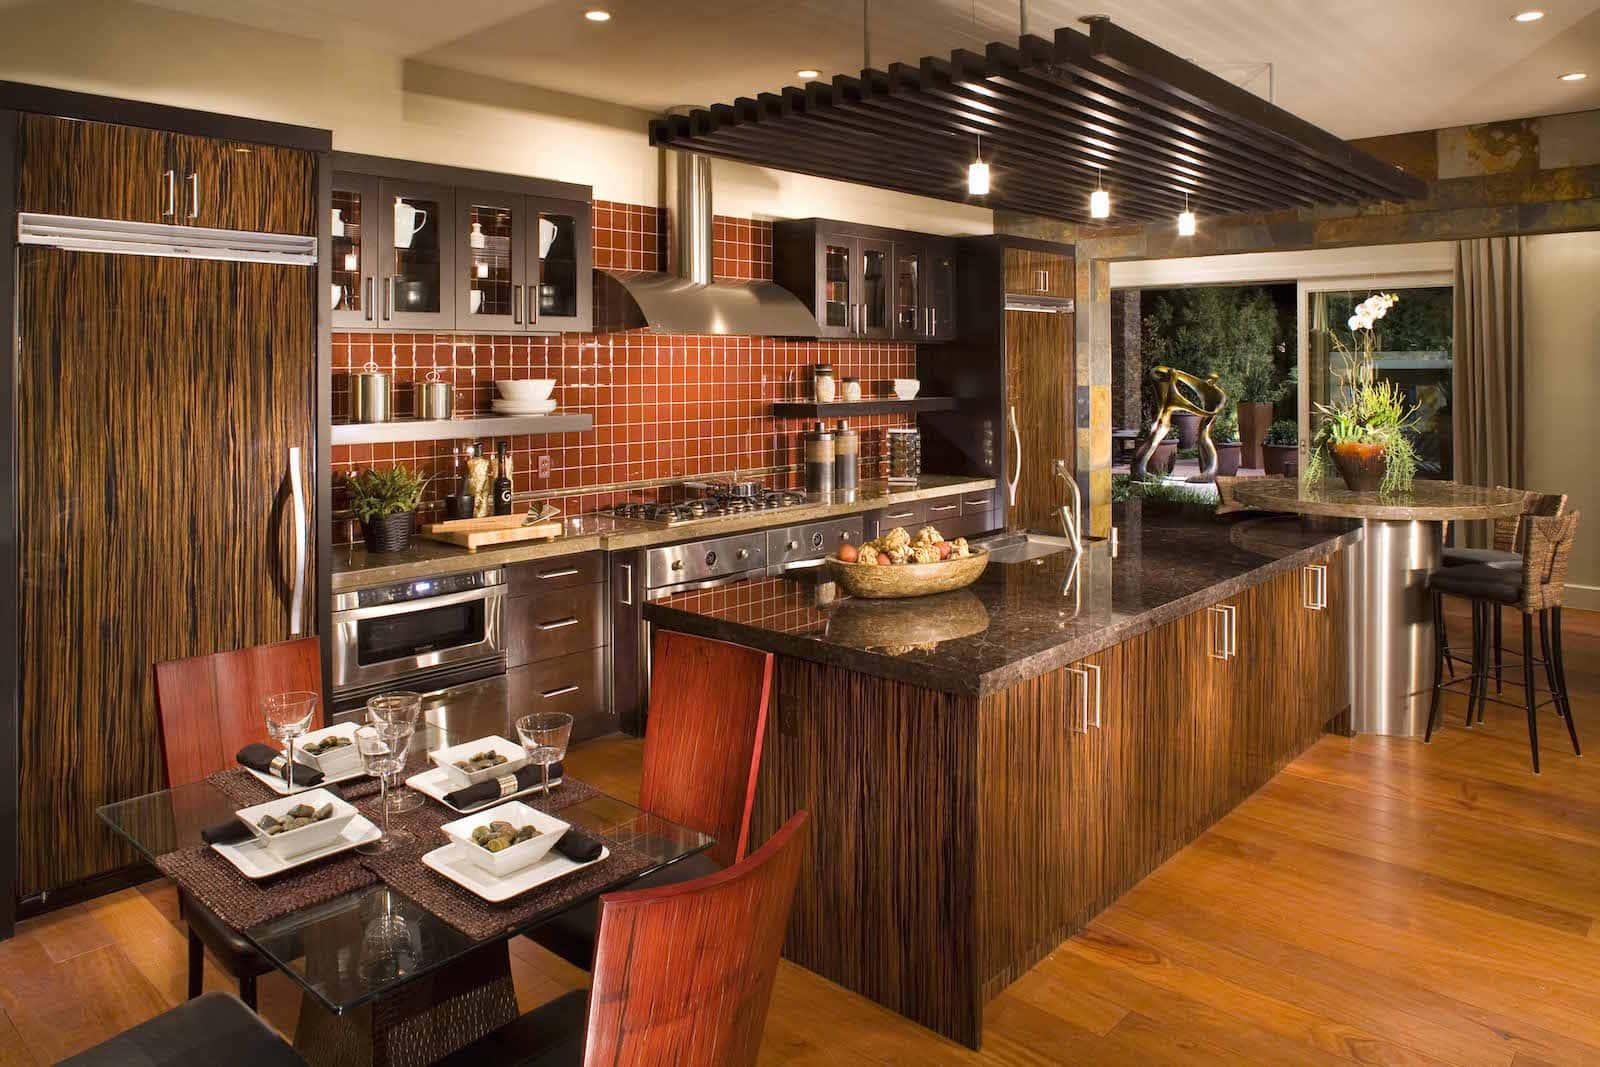 Excelente Cocinas Creativas Embellecimiento - Como Decorar la Cocina ...